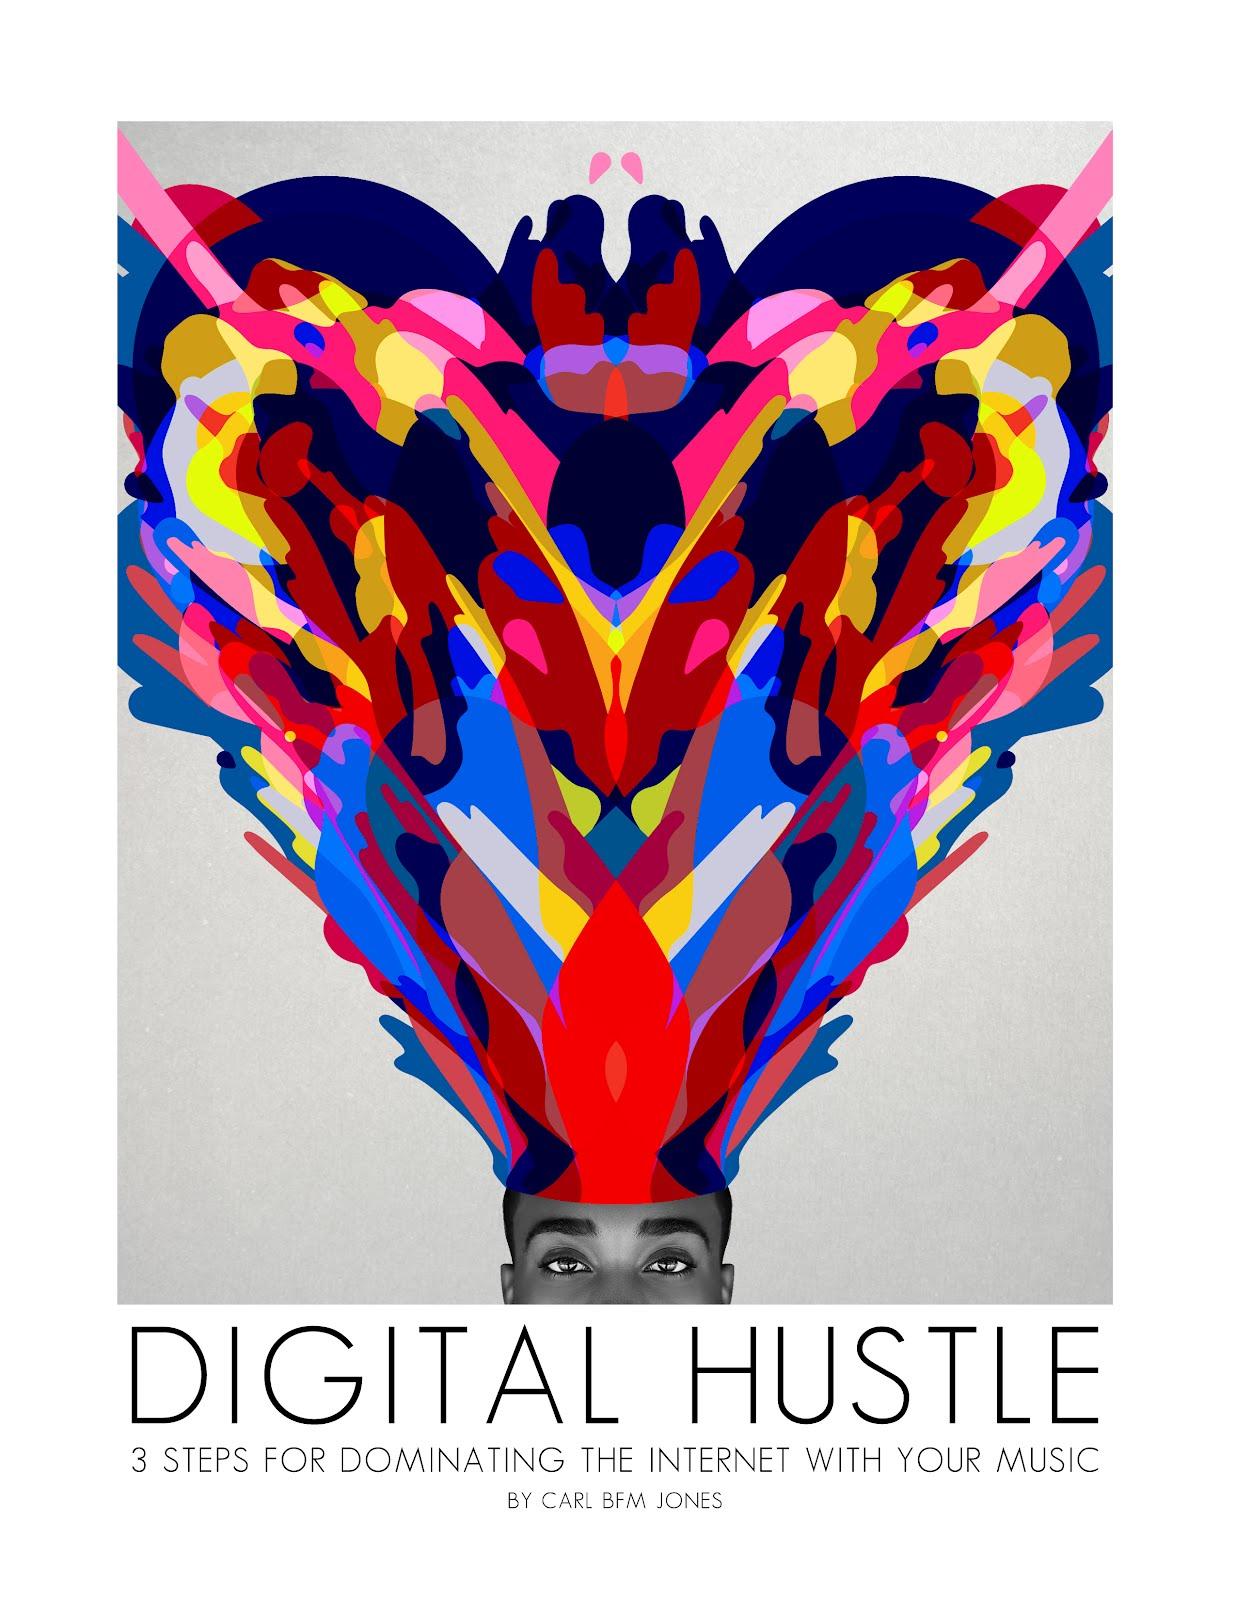 Digital hustle ebook gets endorsed by blogs worldwide chicago digital hustle ebook gets endorsed by blogs worldwide fandeluxe PDF